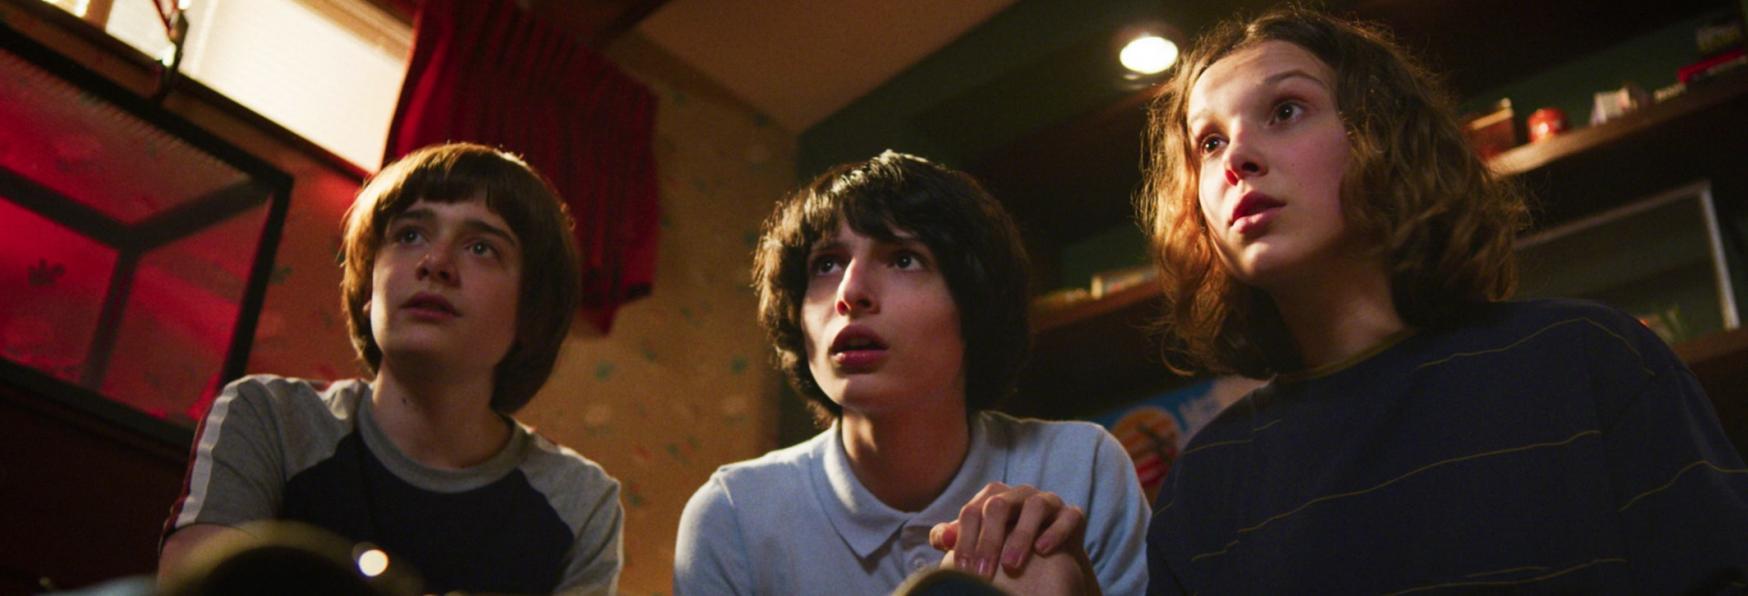 Stranger Things 4: nuove Foto dal Set della nuova Stagione